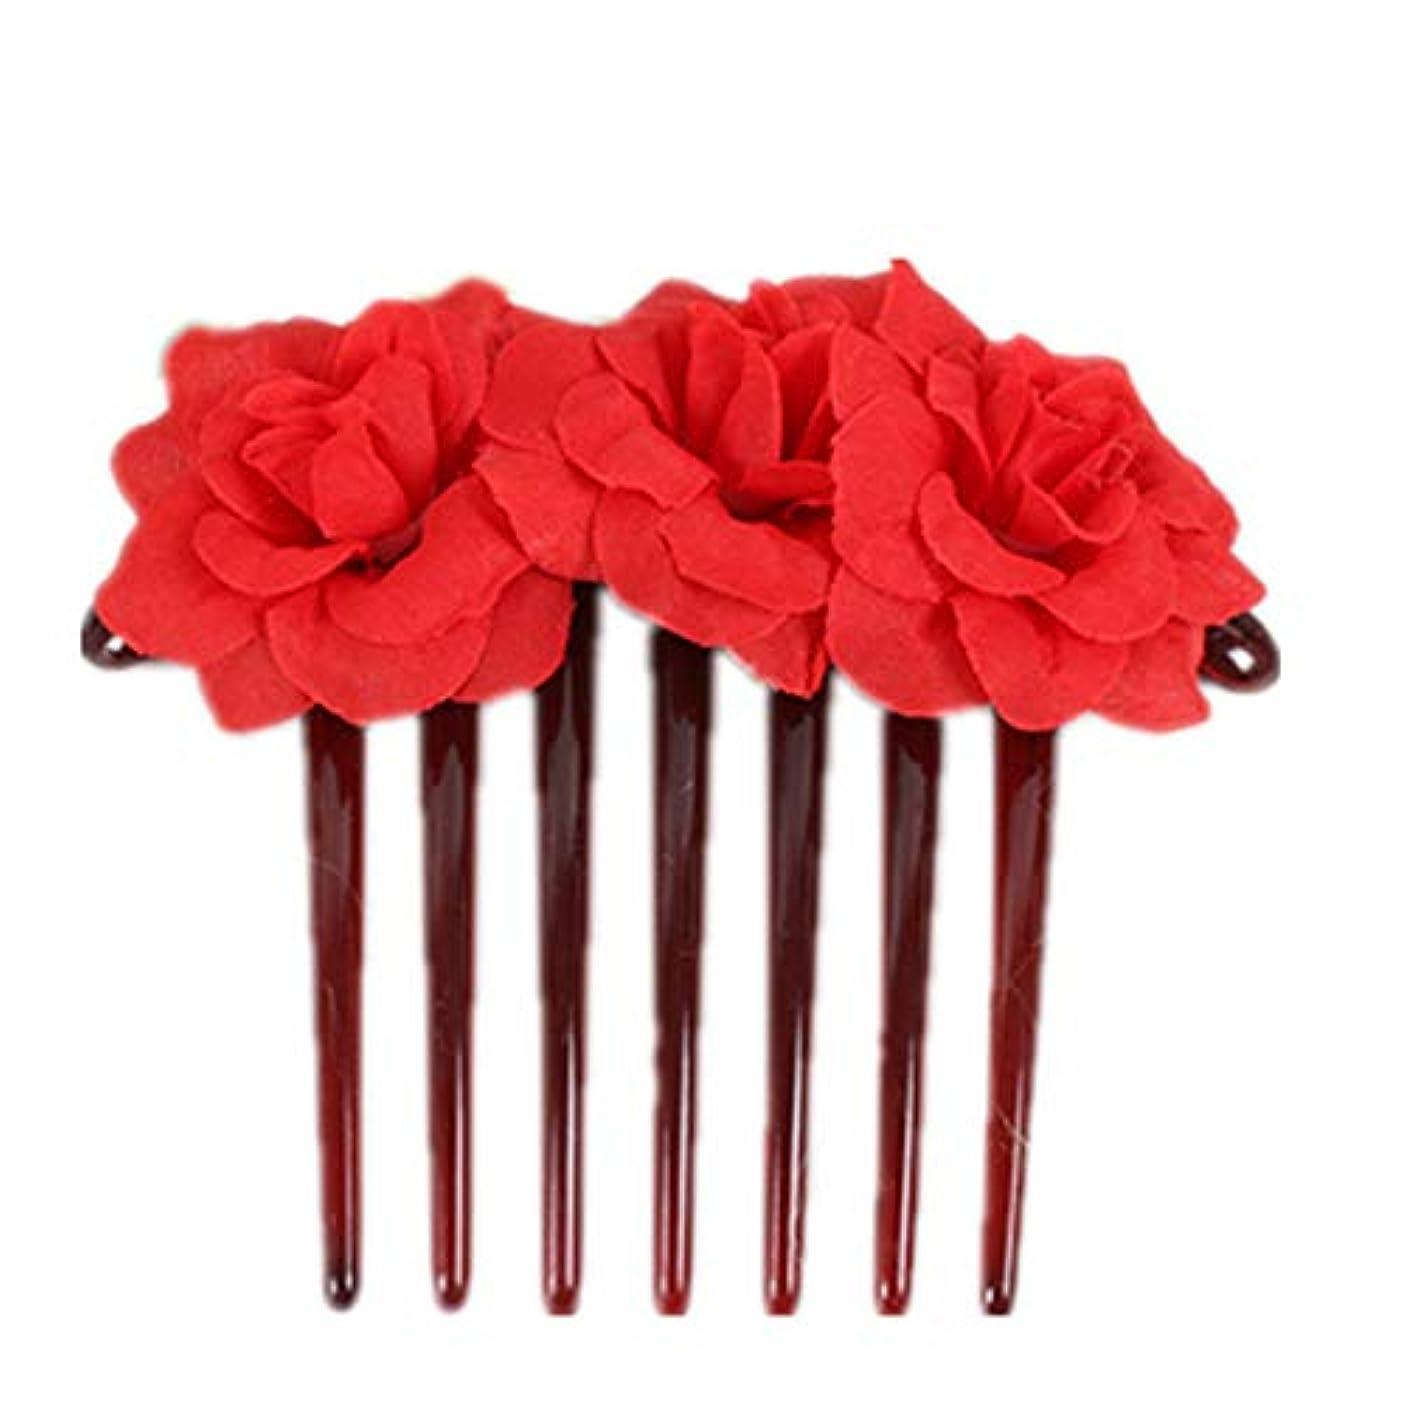 固体癒す逸脱1st market プレミアム品質シミュレーション花花嫁の髪櫛頭飾りヘアピンクリップ櫛スタイリングアクセサリー、赤